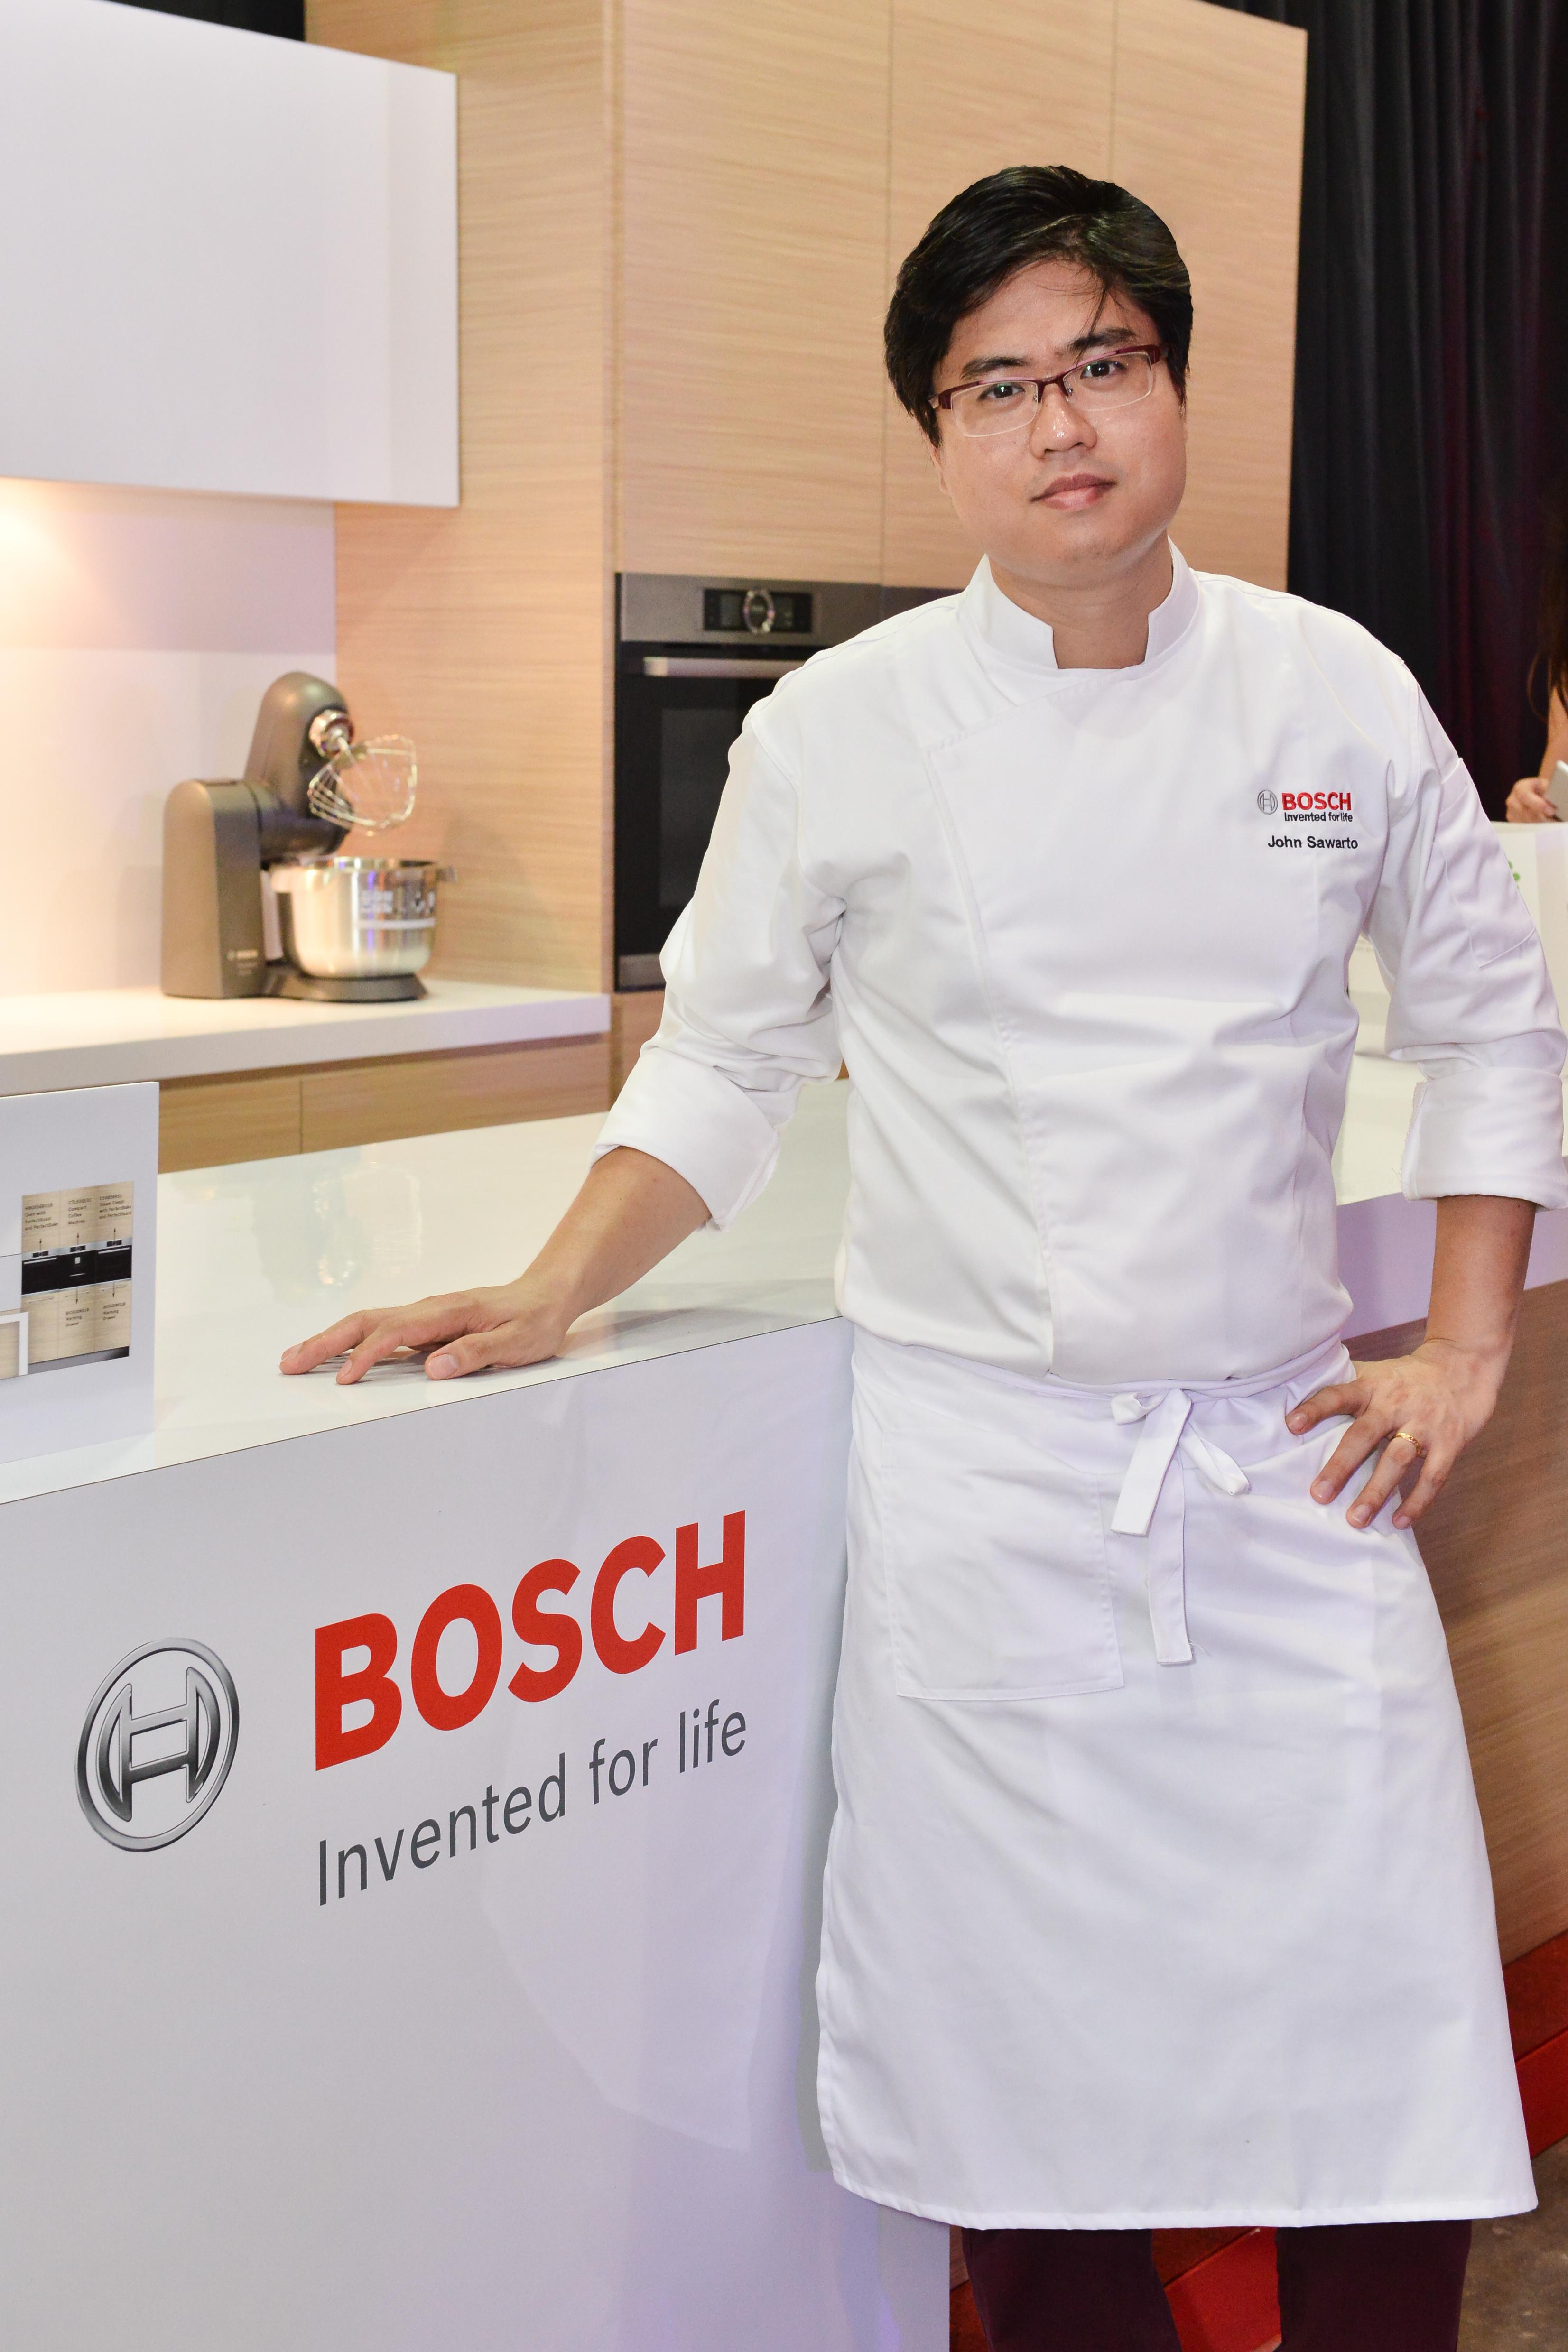 chef-john-sawarto